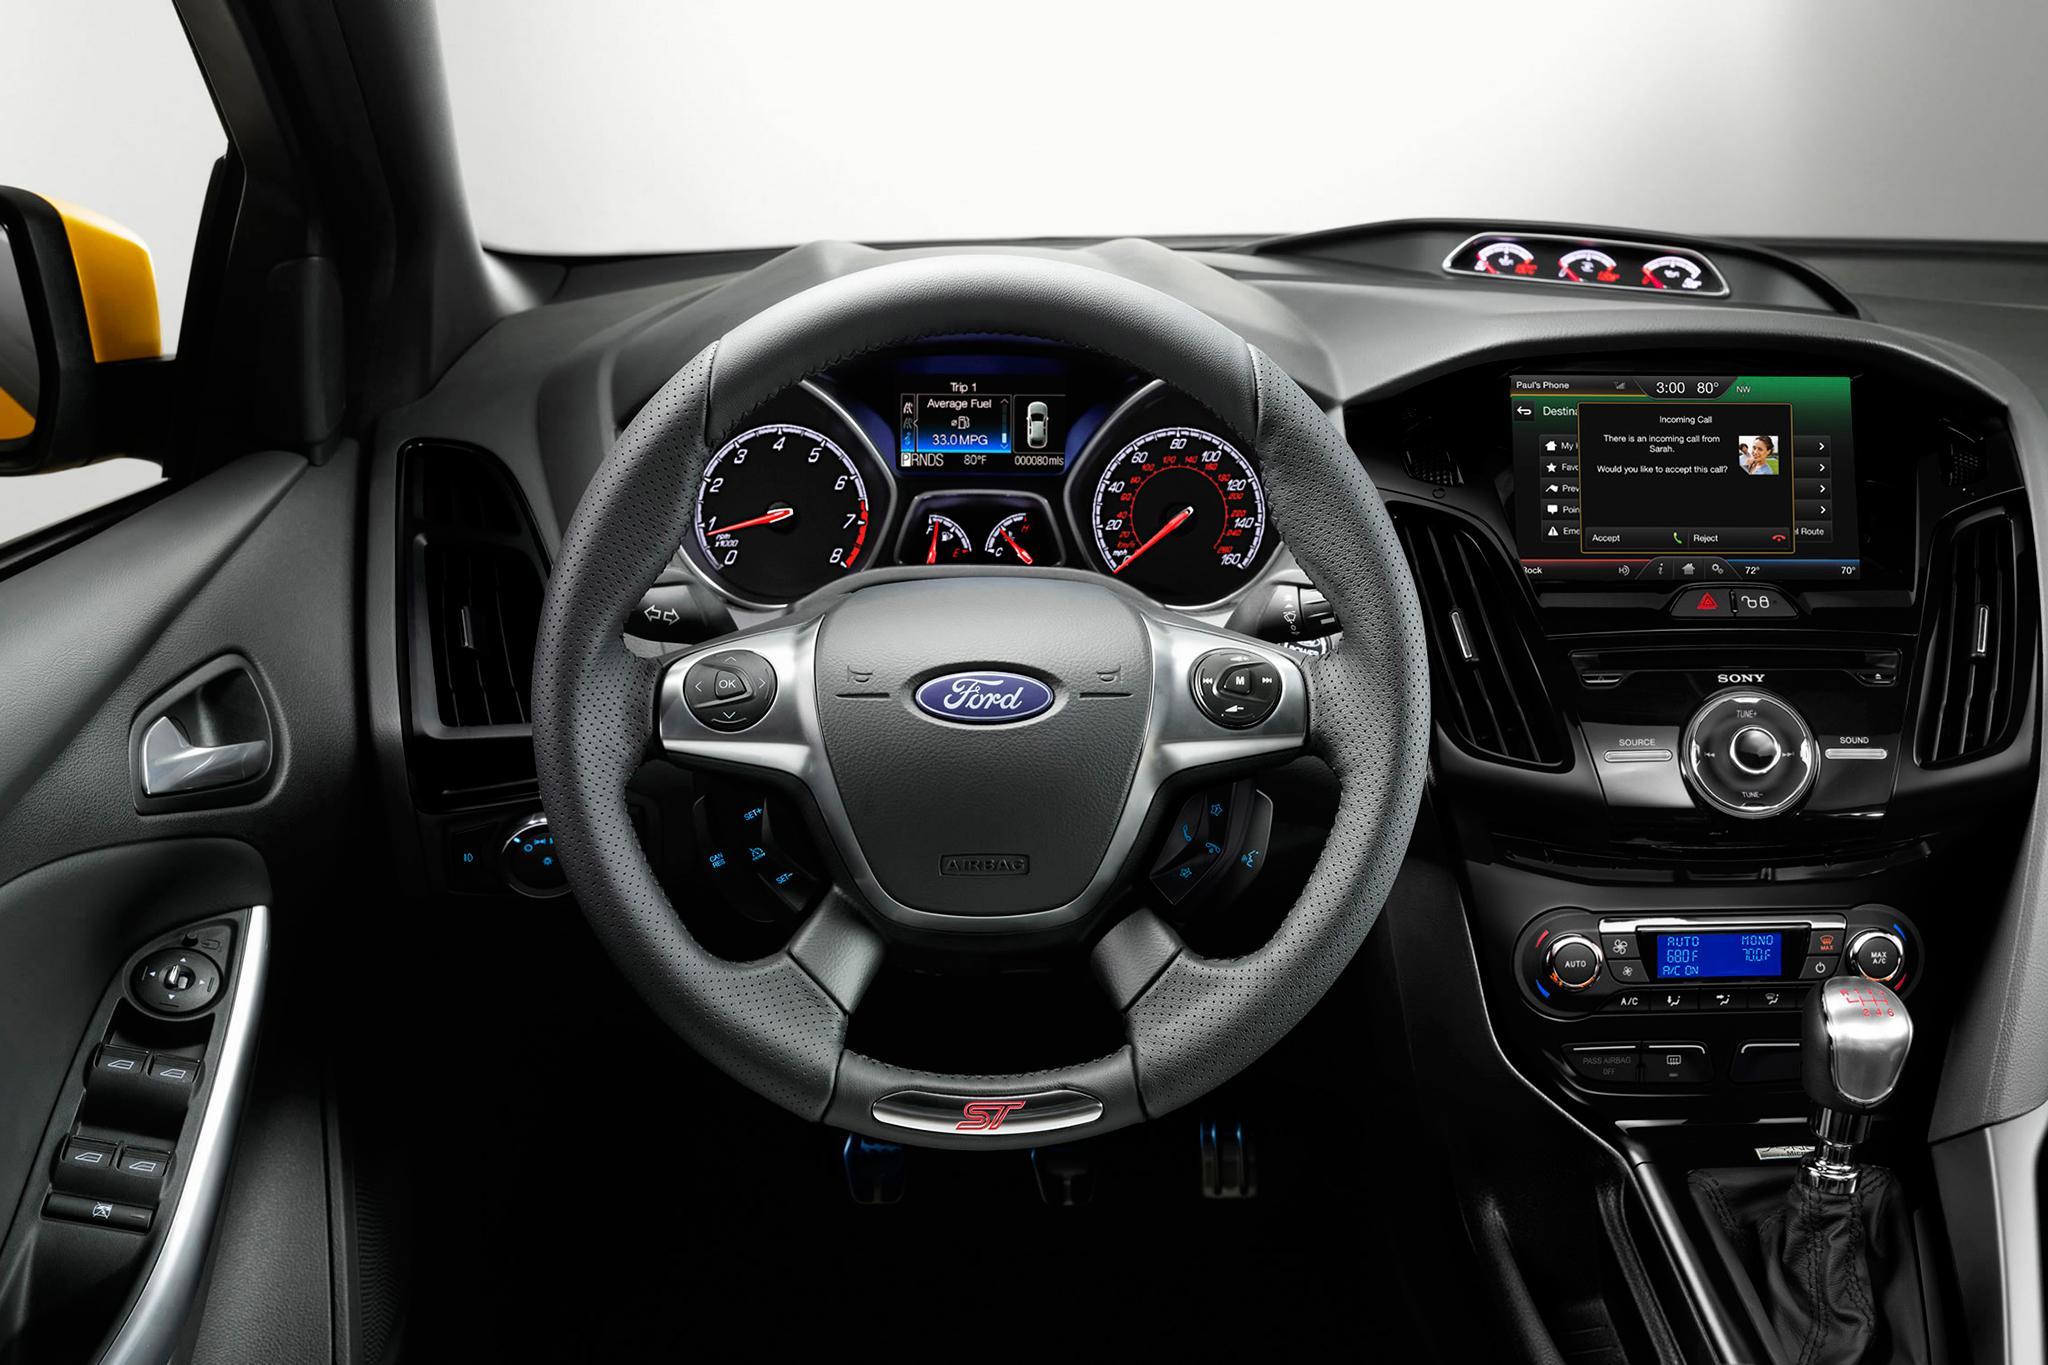 Автомобили Ford весной  поднялись вцене на  18 000— 35 000 руб.